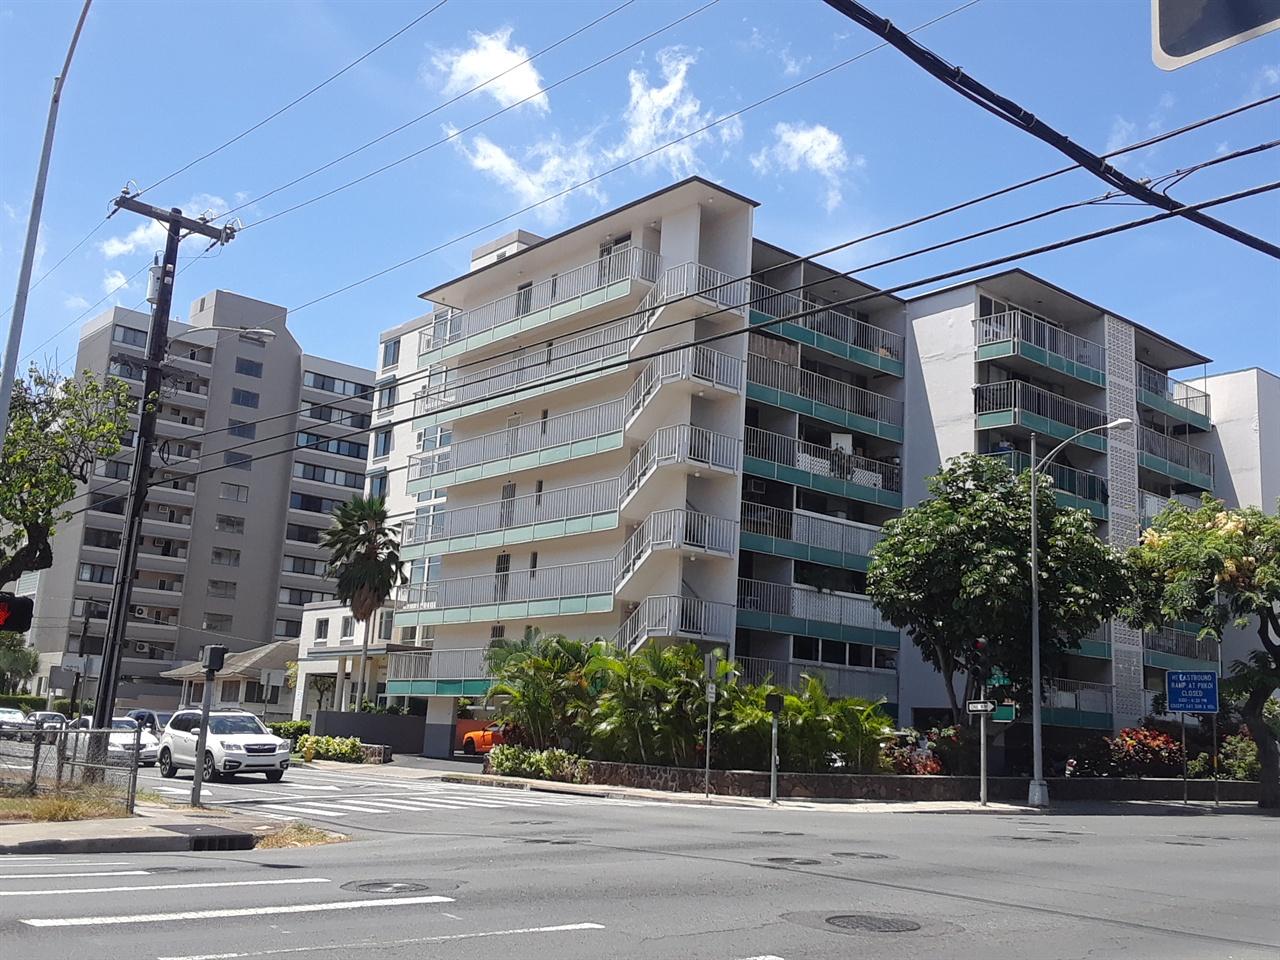 하와이 도심에 자리한 대형 주택가 모습. 월평균 3000달러 이상의 임대료를 지불해야 한다.